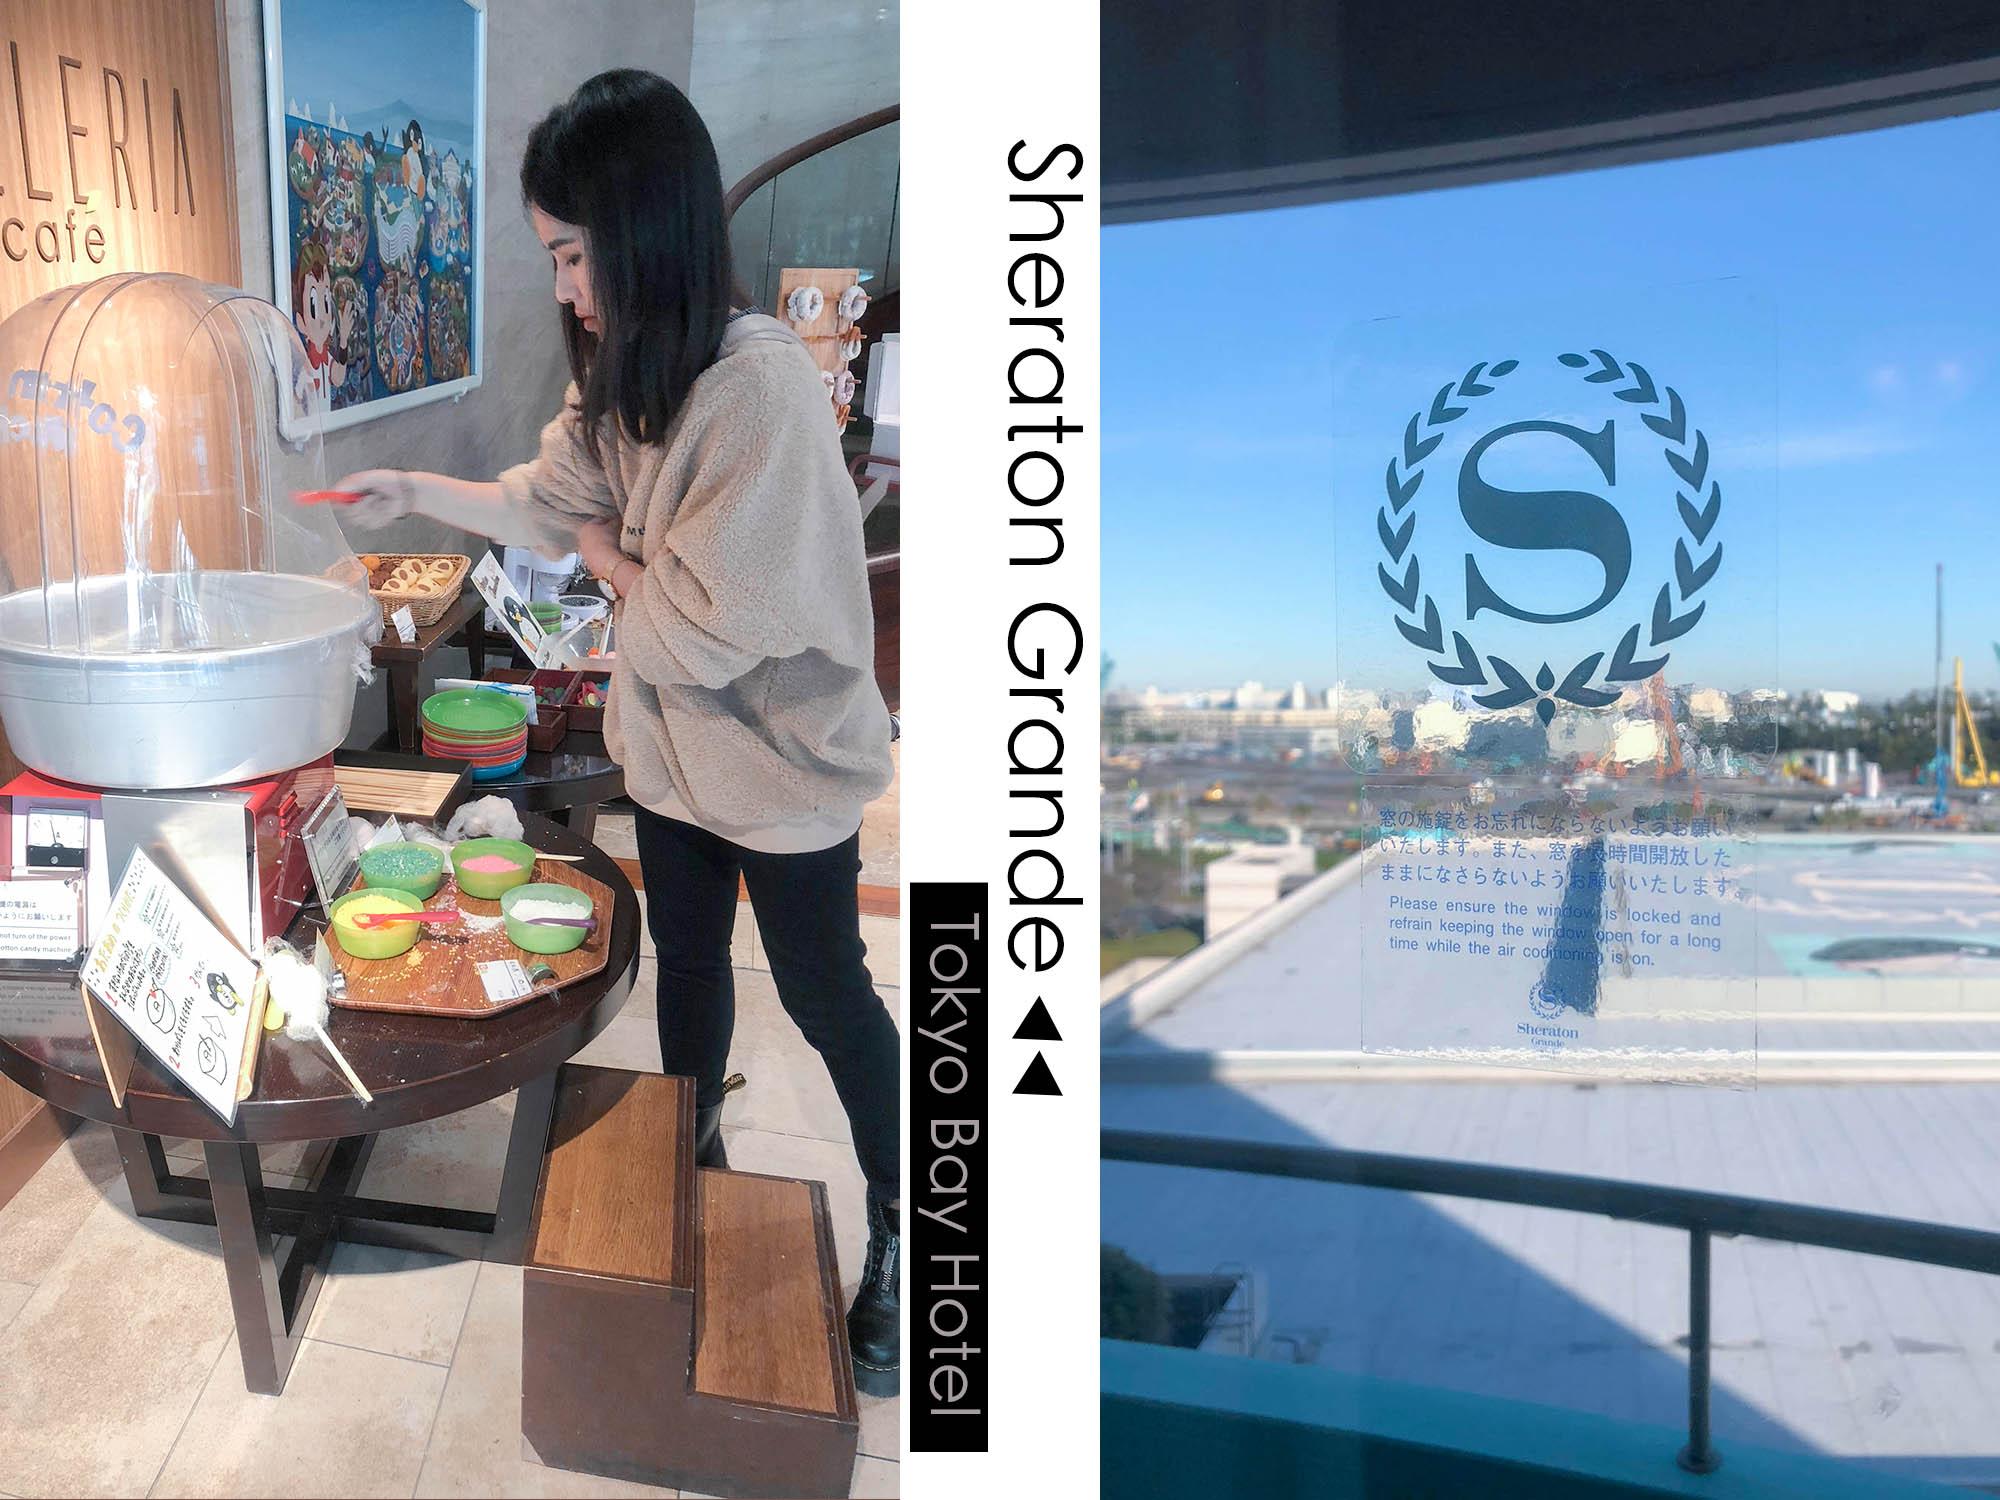 東京迪士尼住宿|東京灣喜來登大飯店入住體驗,超好玩的親子Buffet早餐,還有小朋友專屬的棉花糖機!